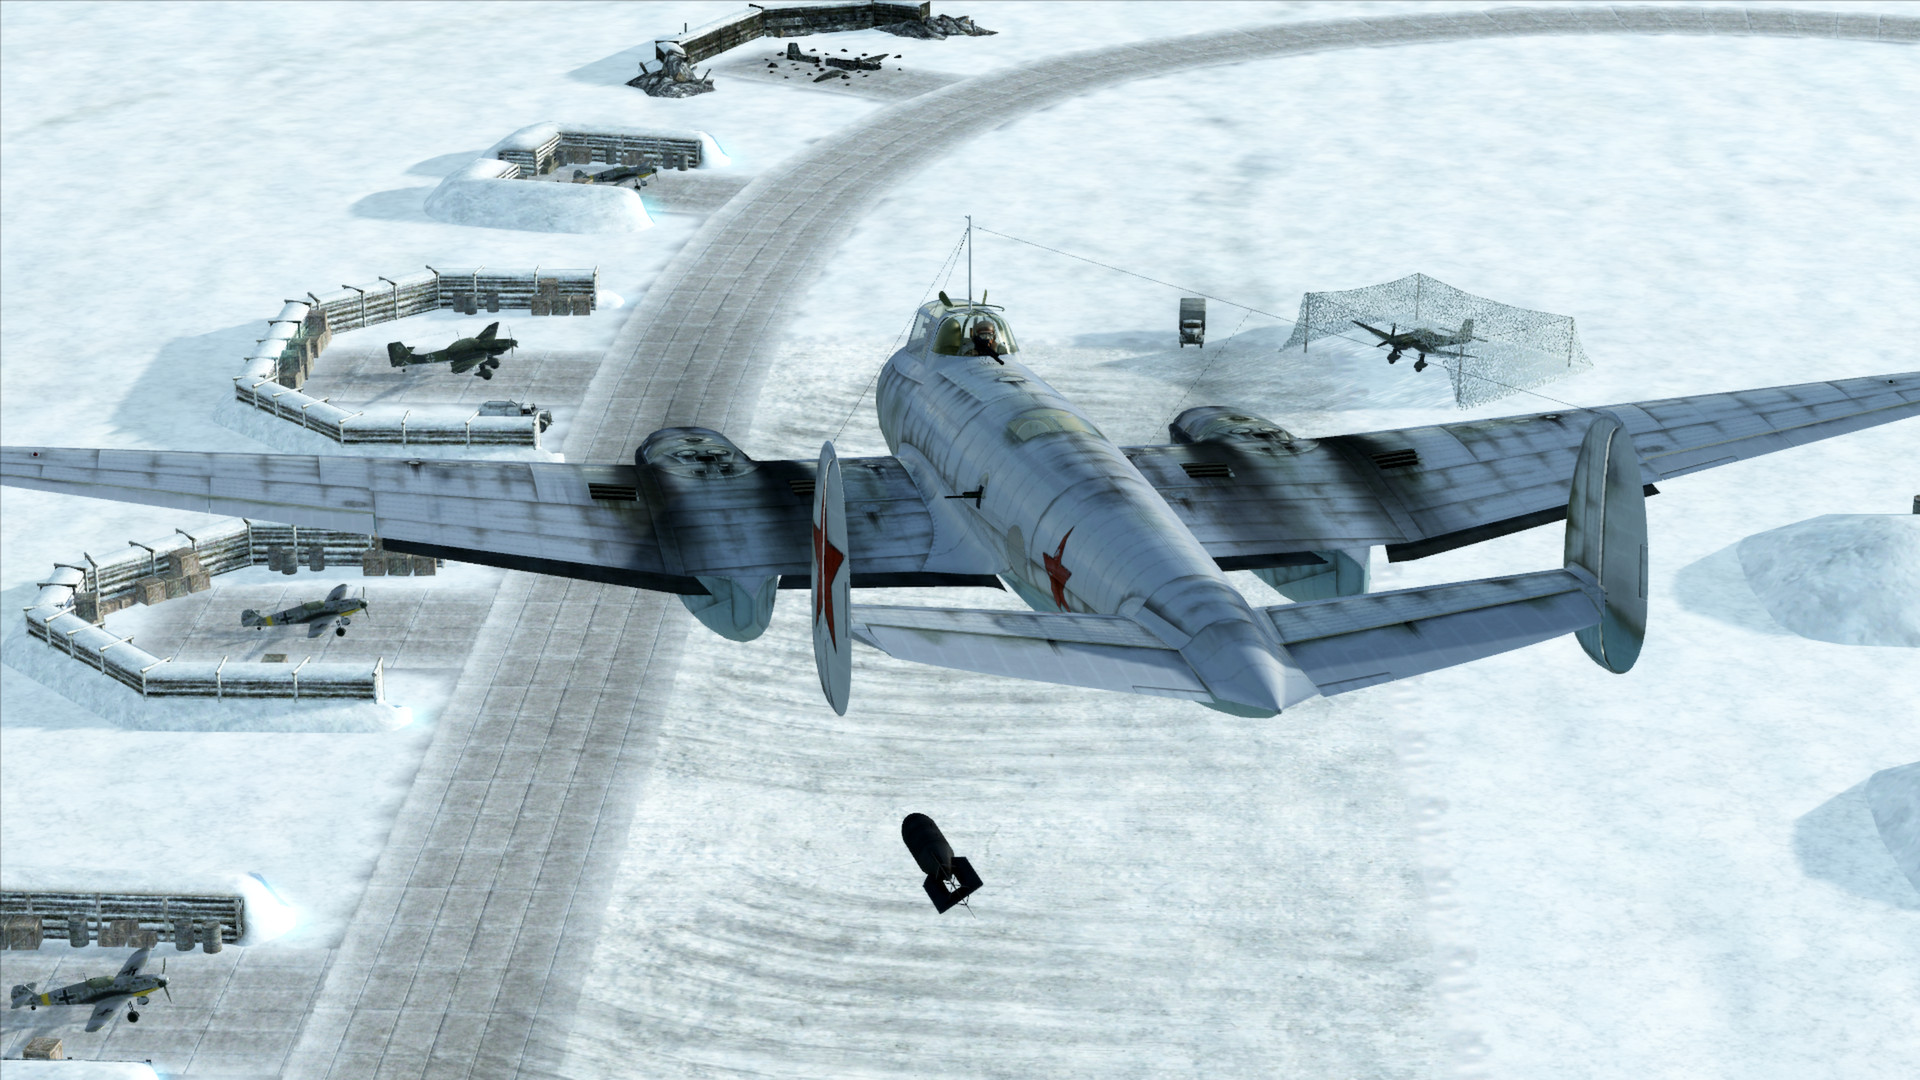 il-2 sturmovik battle of stalingrad free download torrent